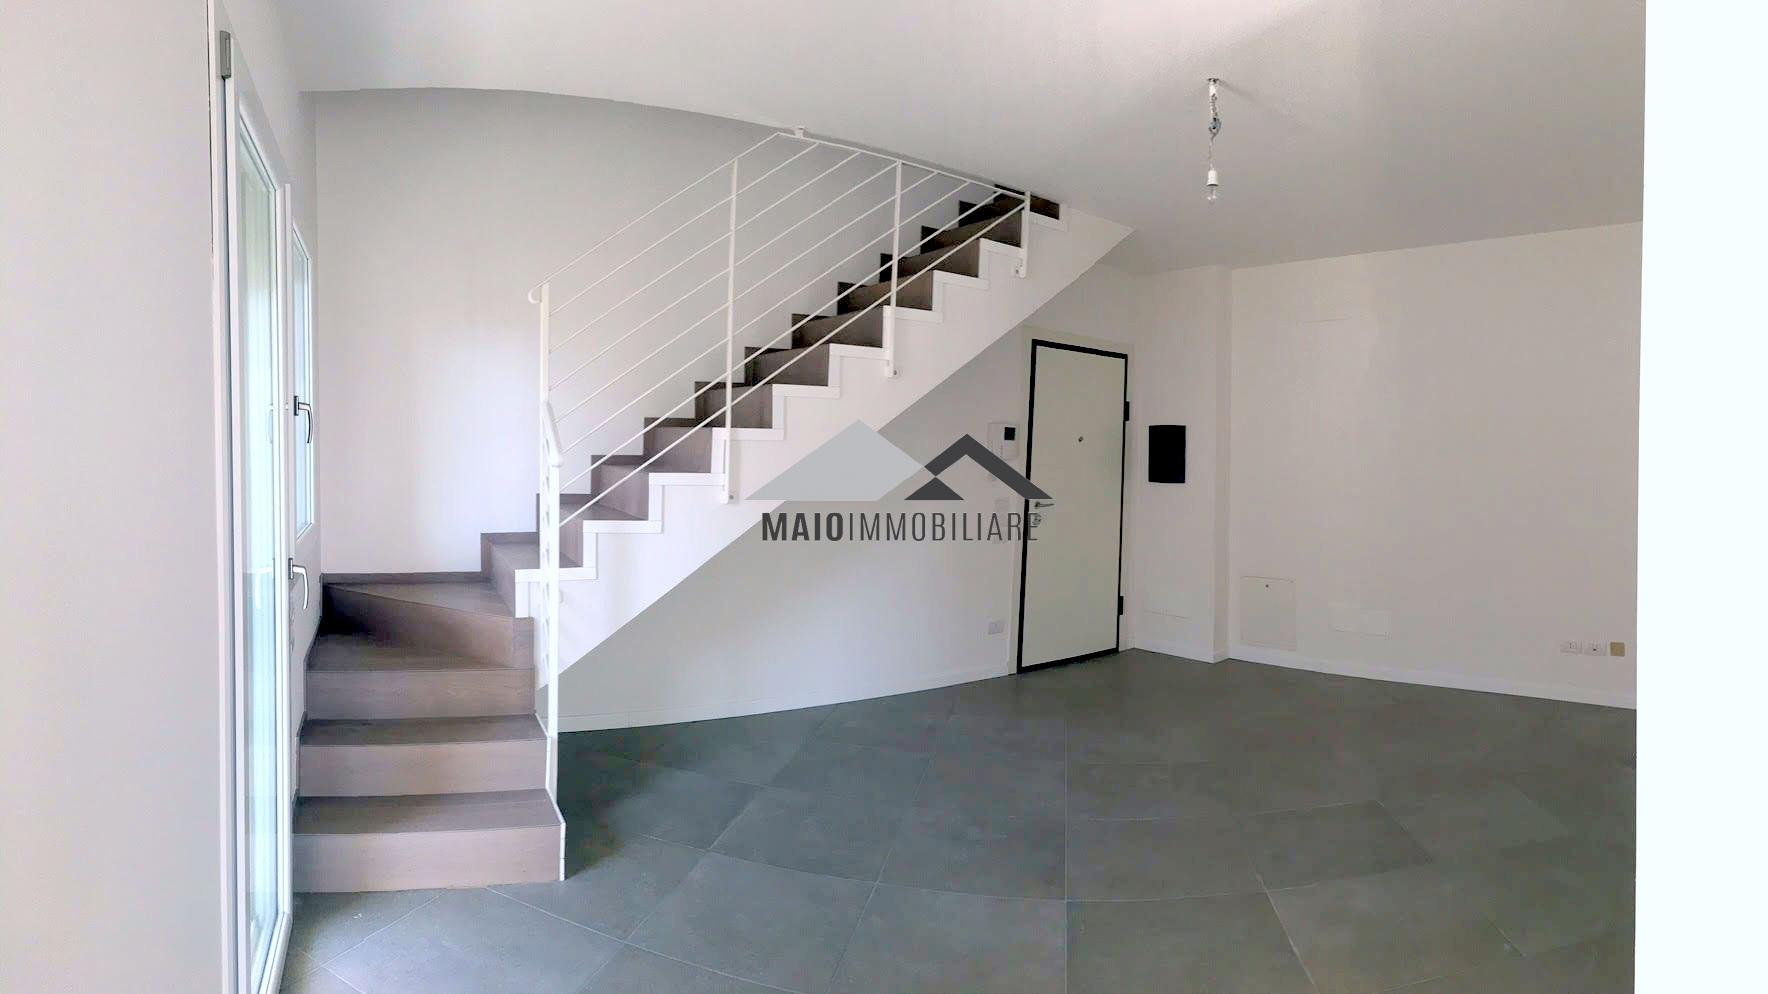 Appartamento in vendita a Misano Adriatico, 3 locali, zona Località: VillaggioArgentina, prezzo € 215.000   CambioCasa.it